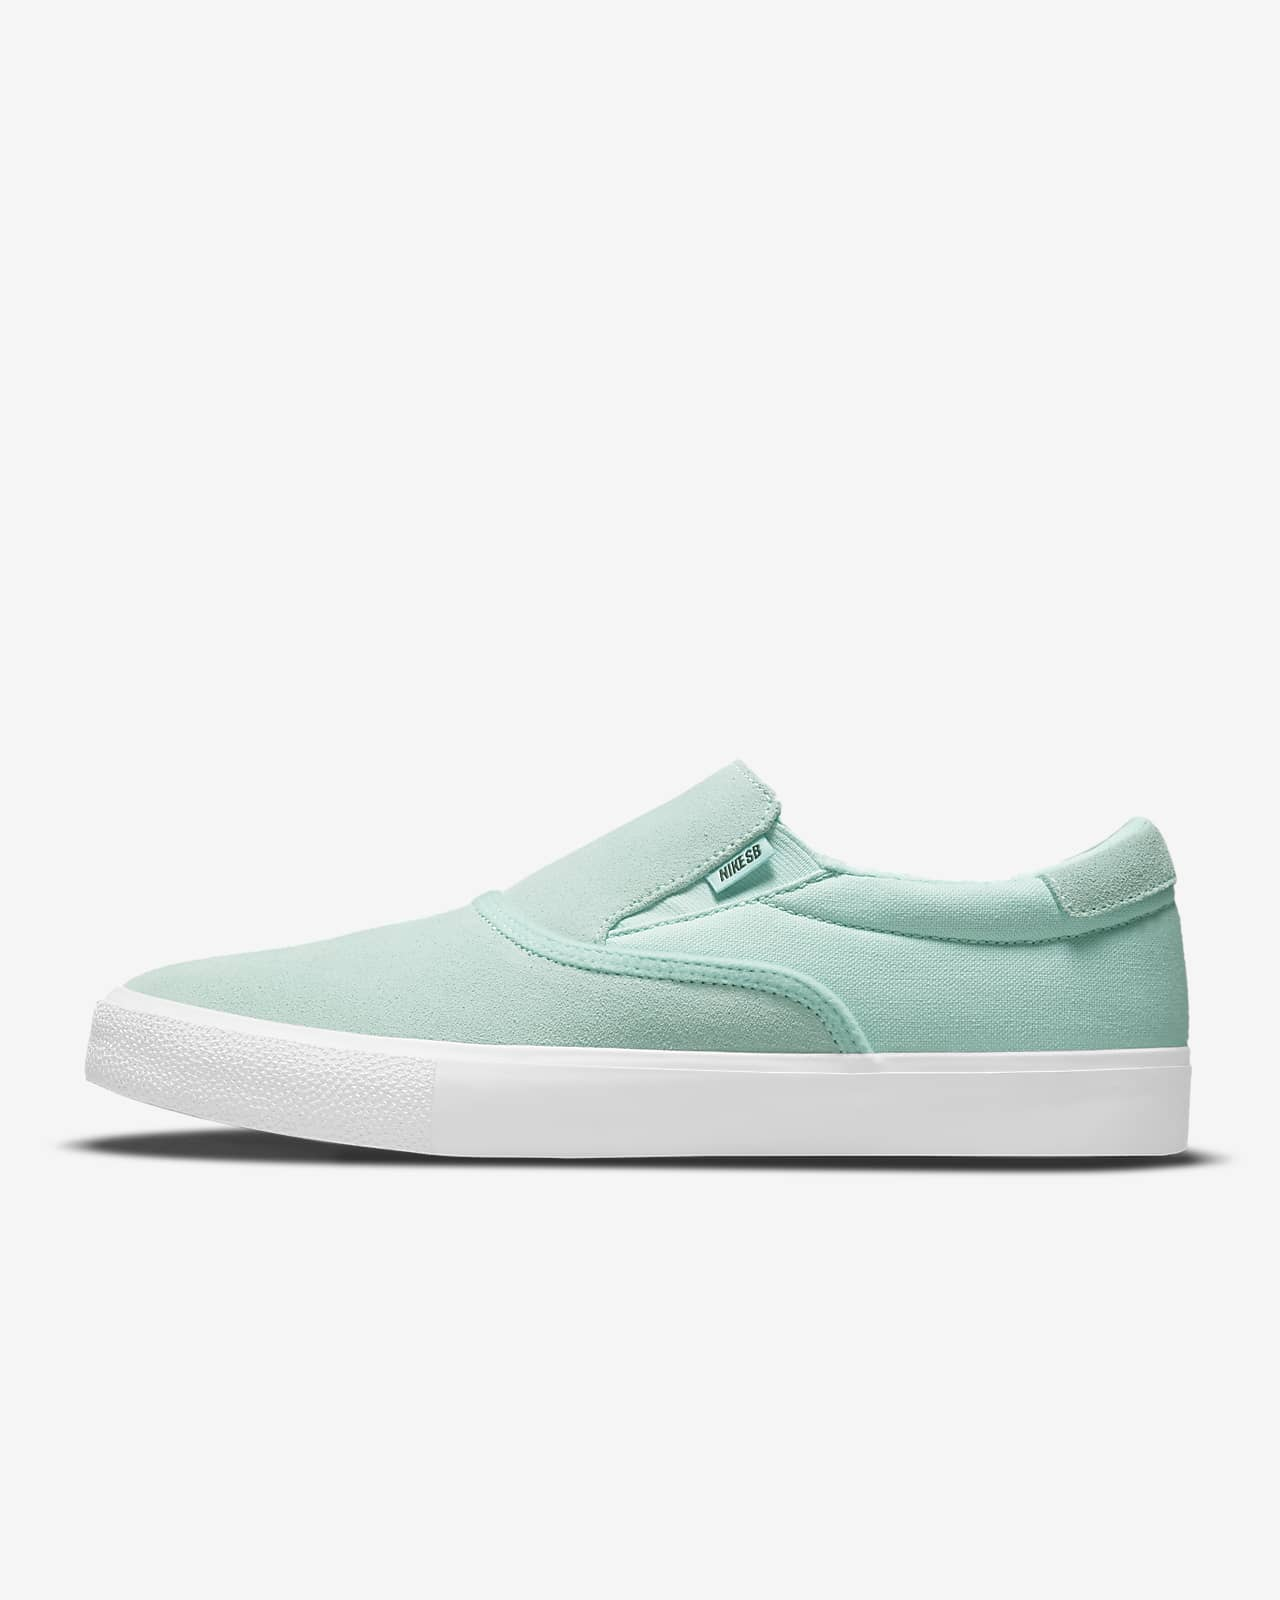 Παπούτσι skateboarding Nike SB Zoom Verona Slip